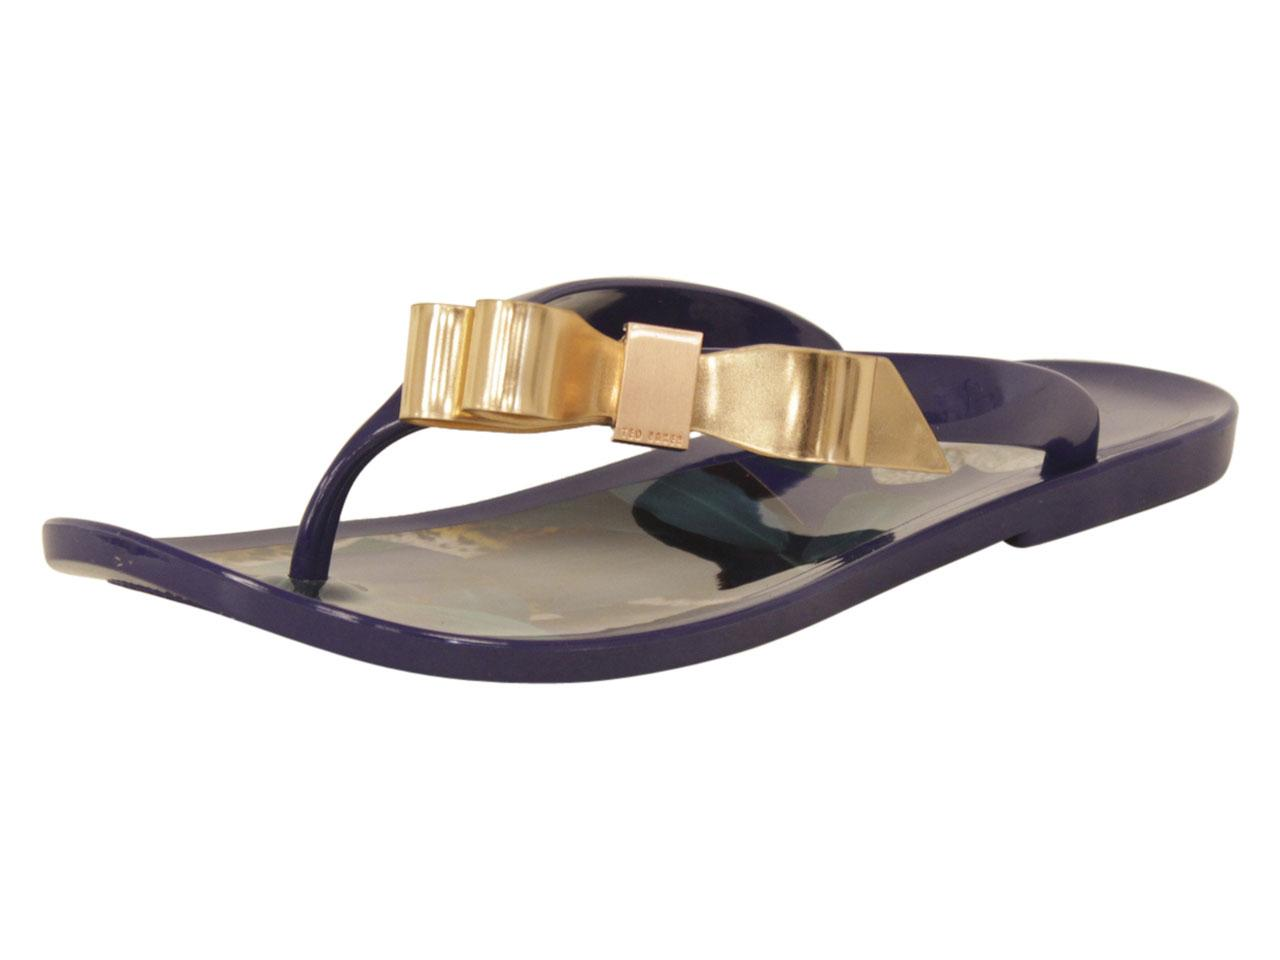 Suzzip Flip Flops Sandals Shoes